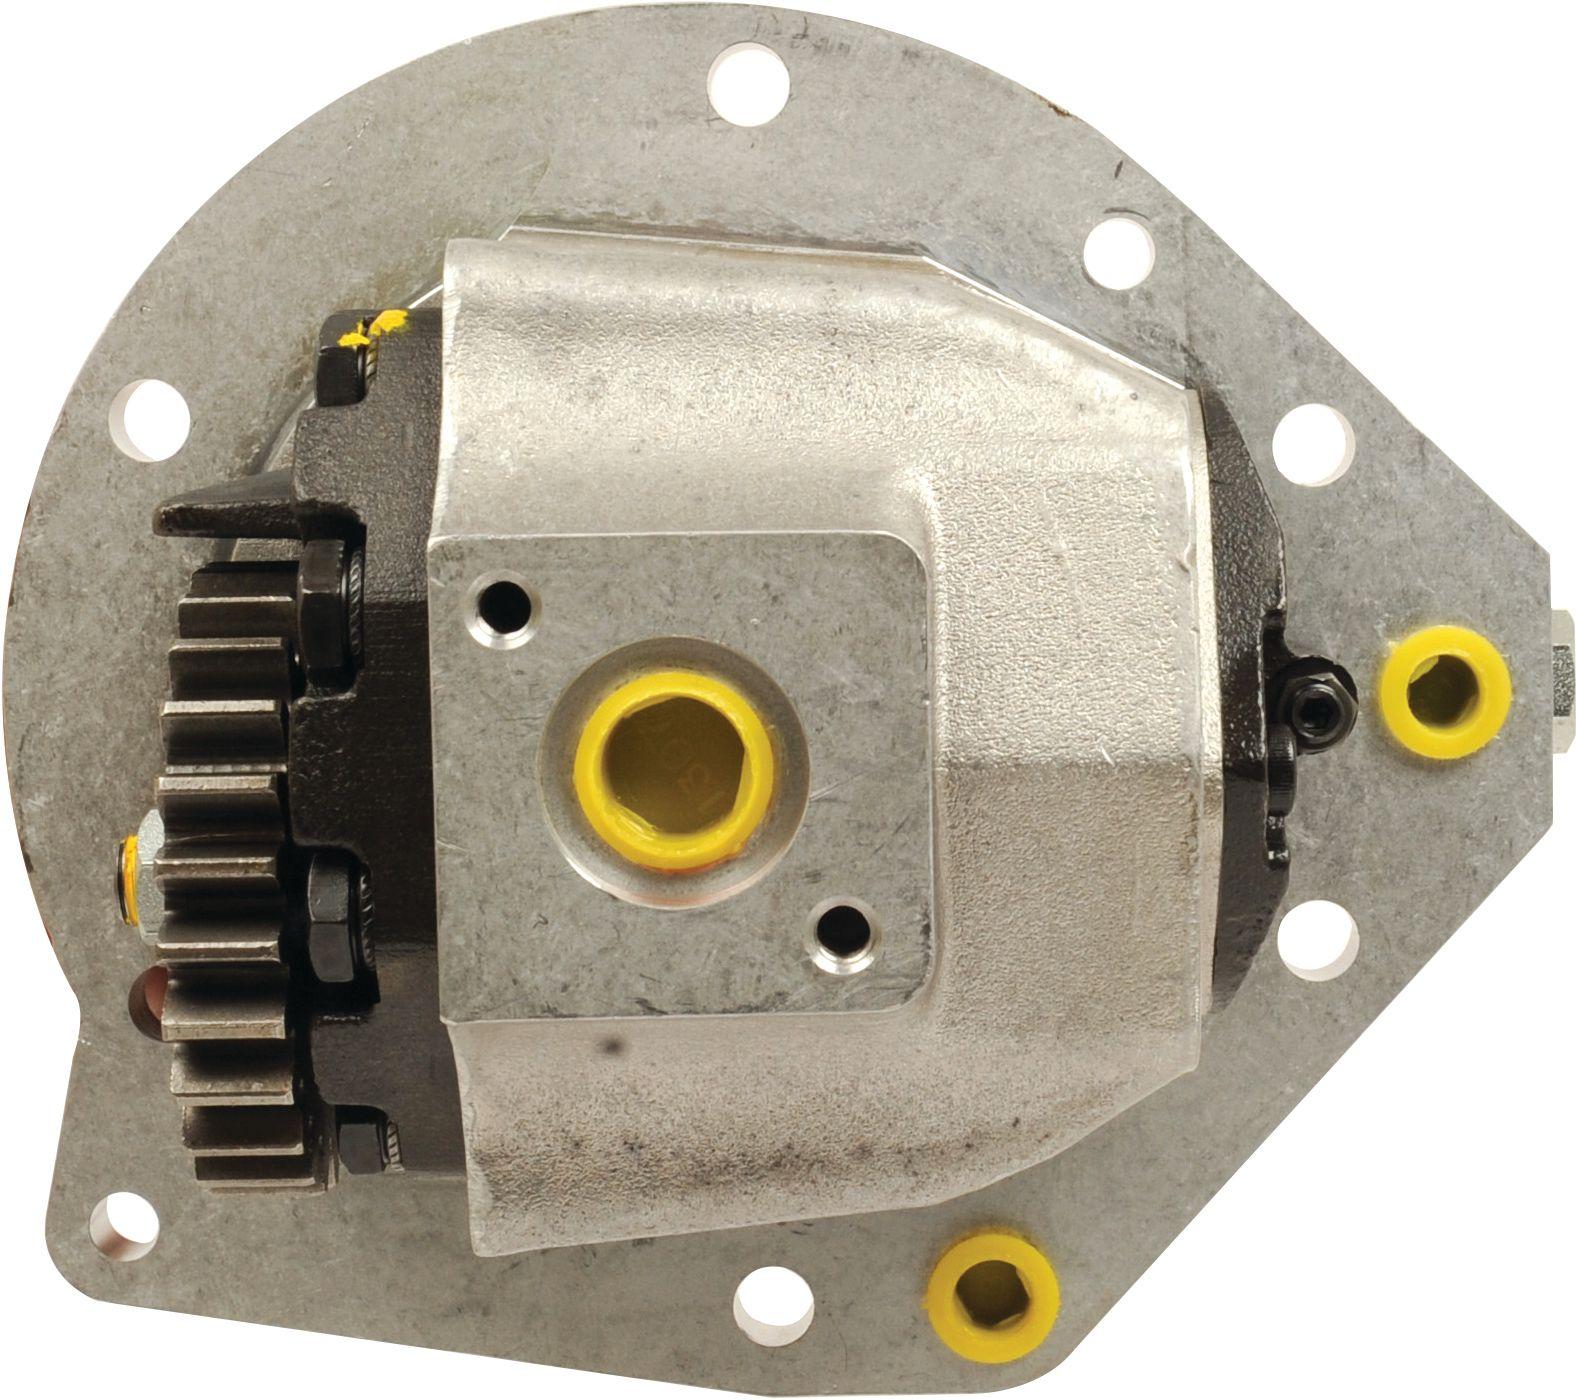 FORD HYDRAULIC PUMP-35LPM 65384